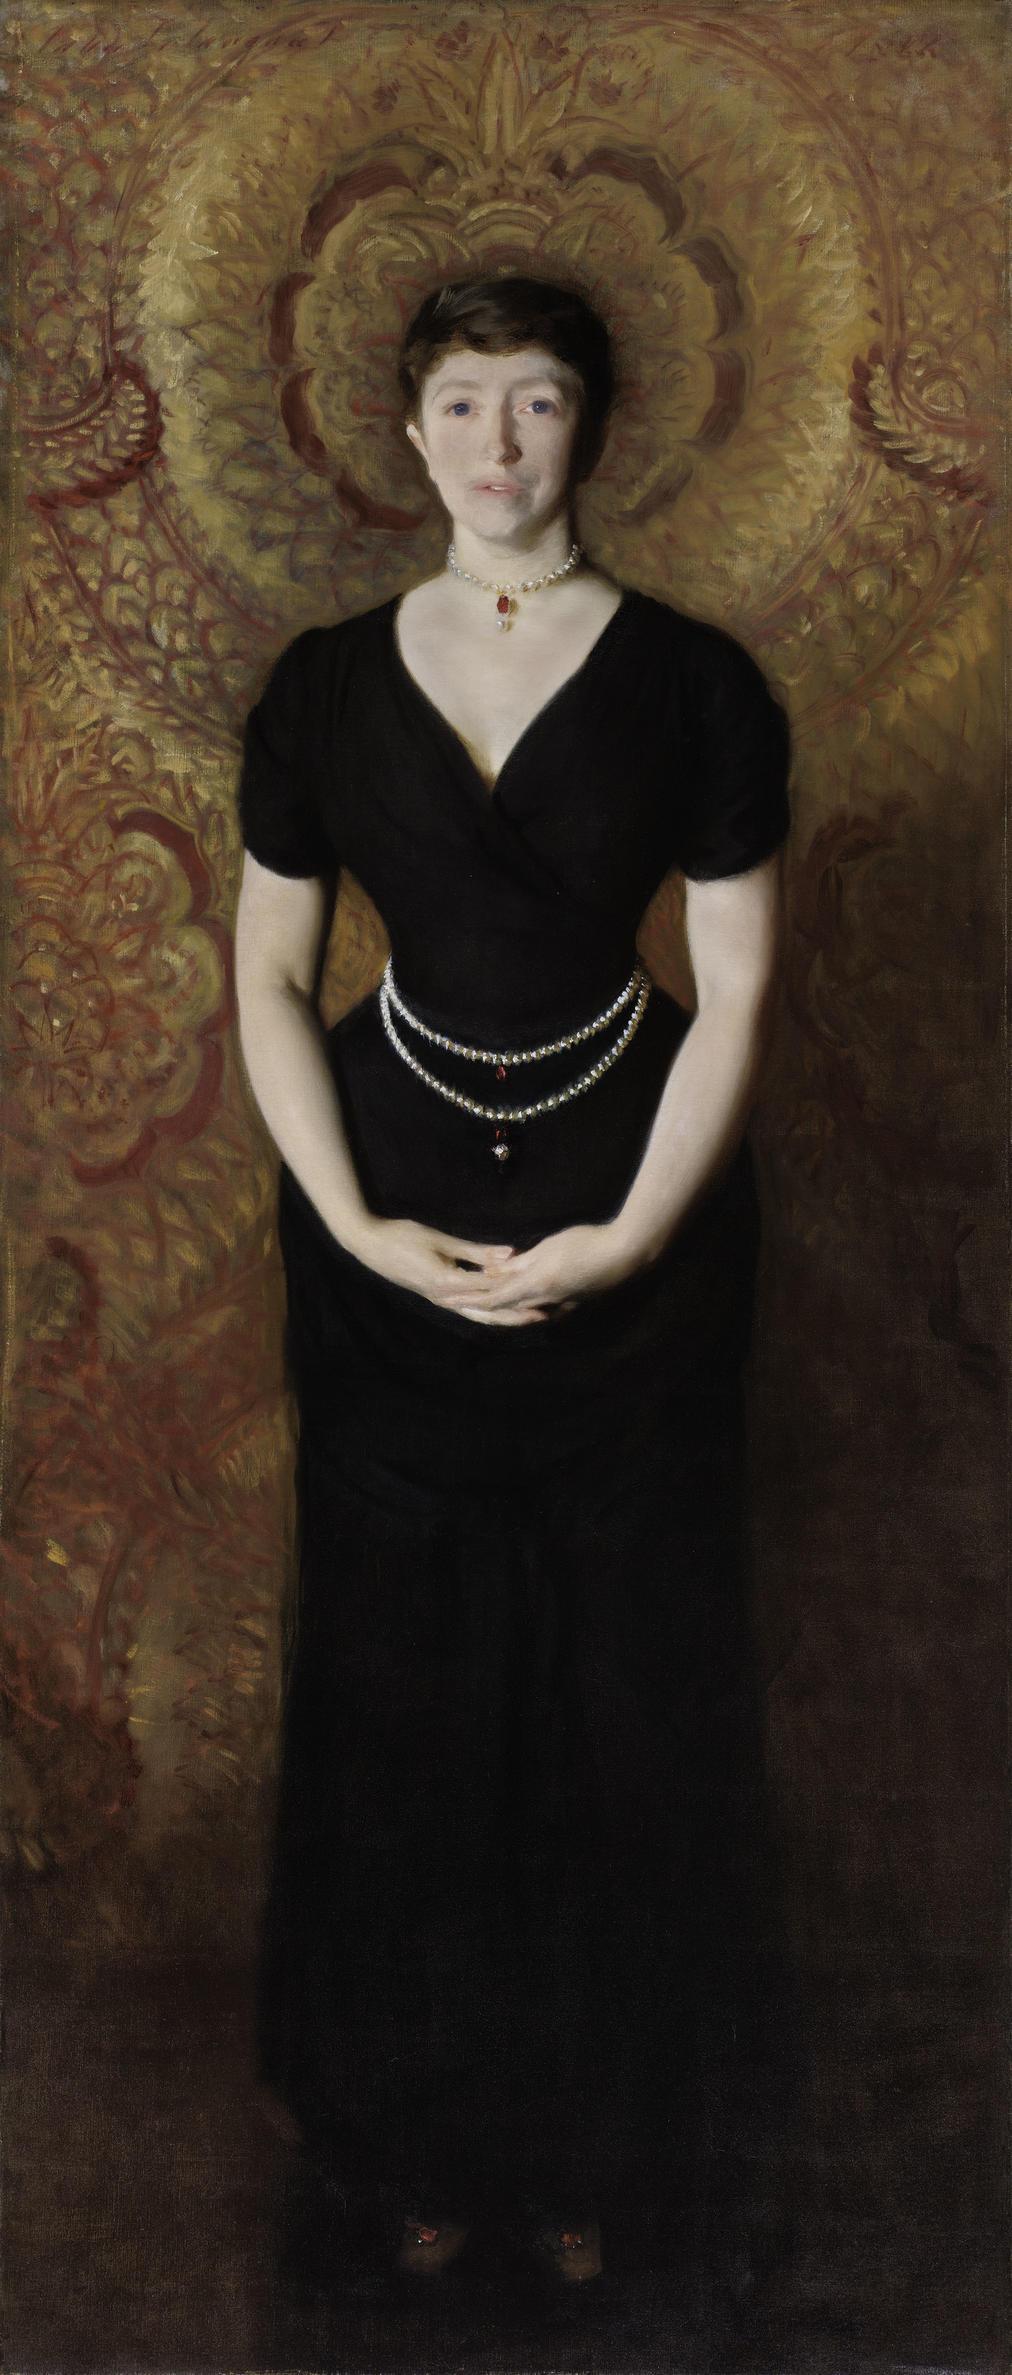 John Singer Sargent (American, 1856-1925), Isabella Stewart Gardner, 1888